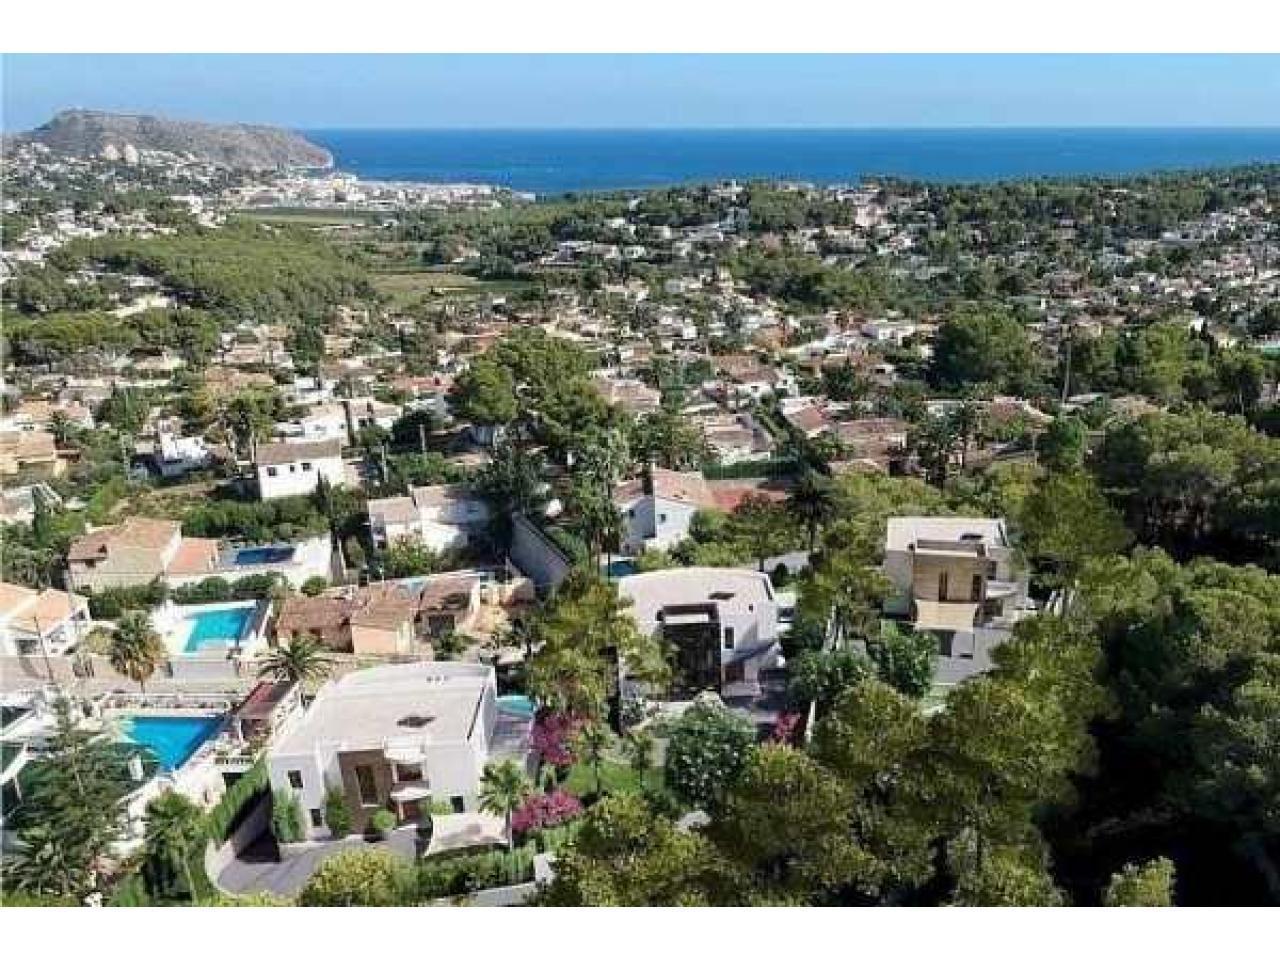 Недвижимость в Испании, Новая вилла с видами на море от застройщика в Морайра,Коста Бланка,Испания - 4